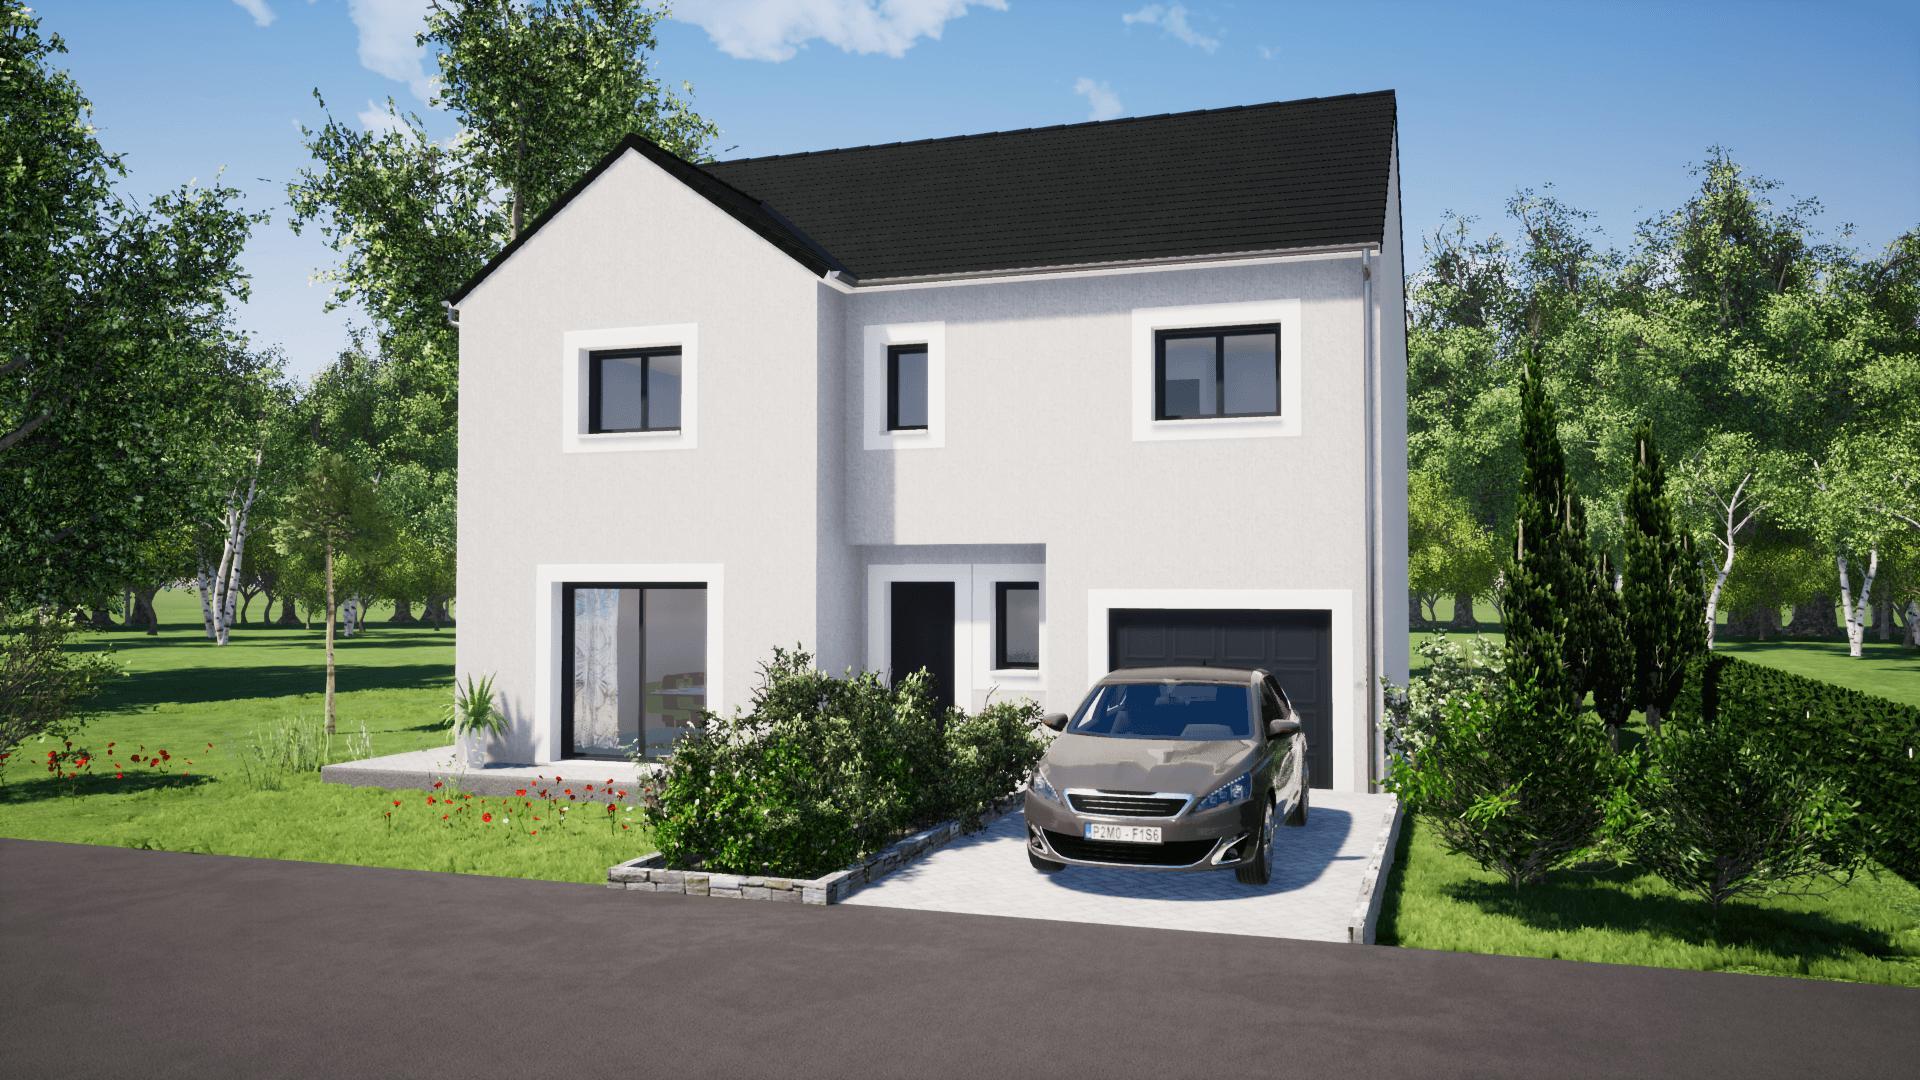 Maisons + Terrains du constructeur MAISON SMA • 125 m² • LIMAY